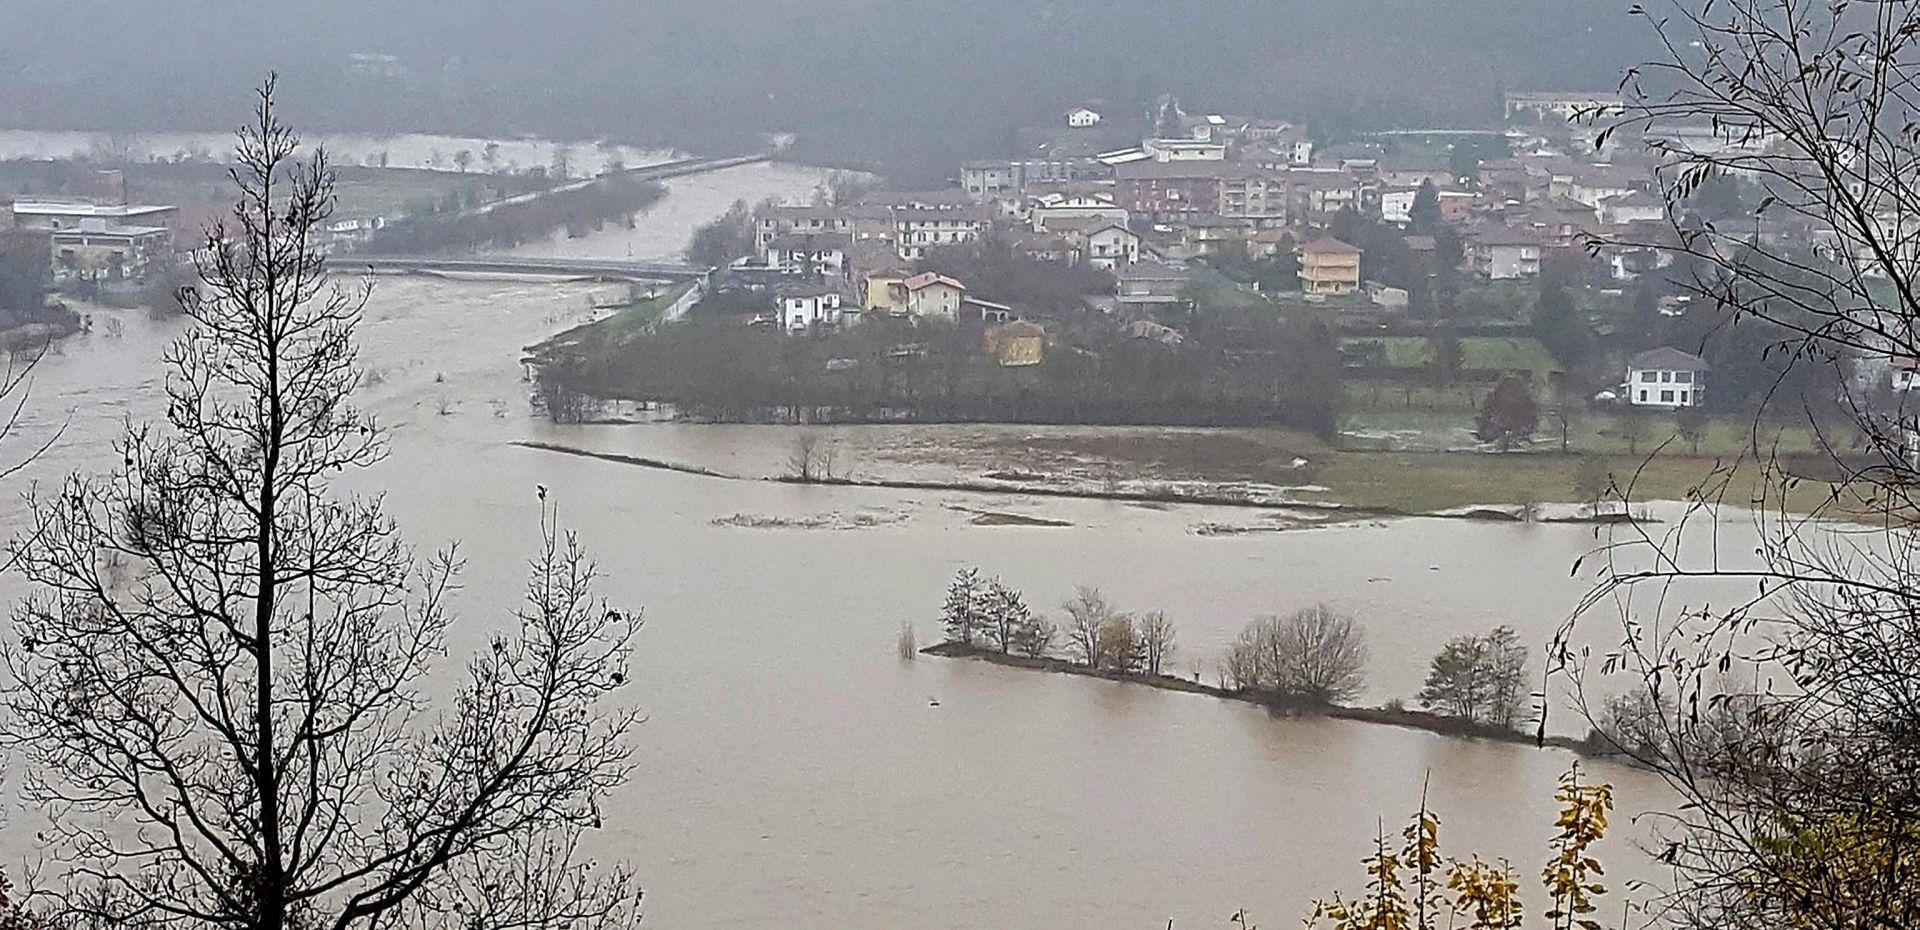 """VIDEO: Poplave i zabrinutost nakon kiša na sjeverozapadu Italije: """"Bojimo se, ovo podsjeća na 1994."""""""